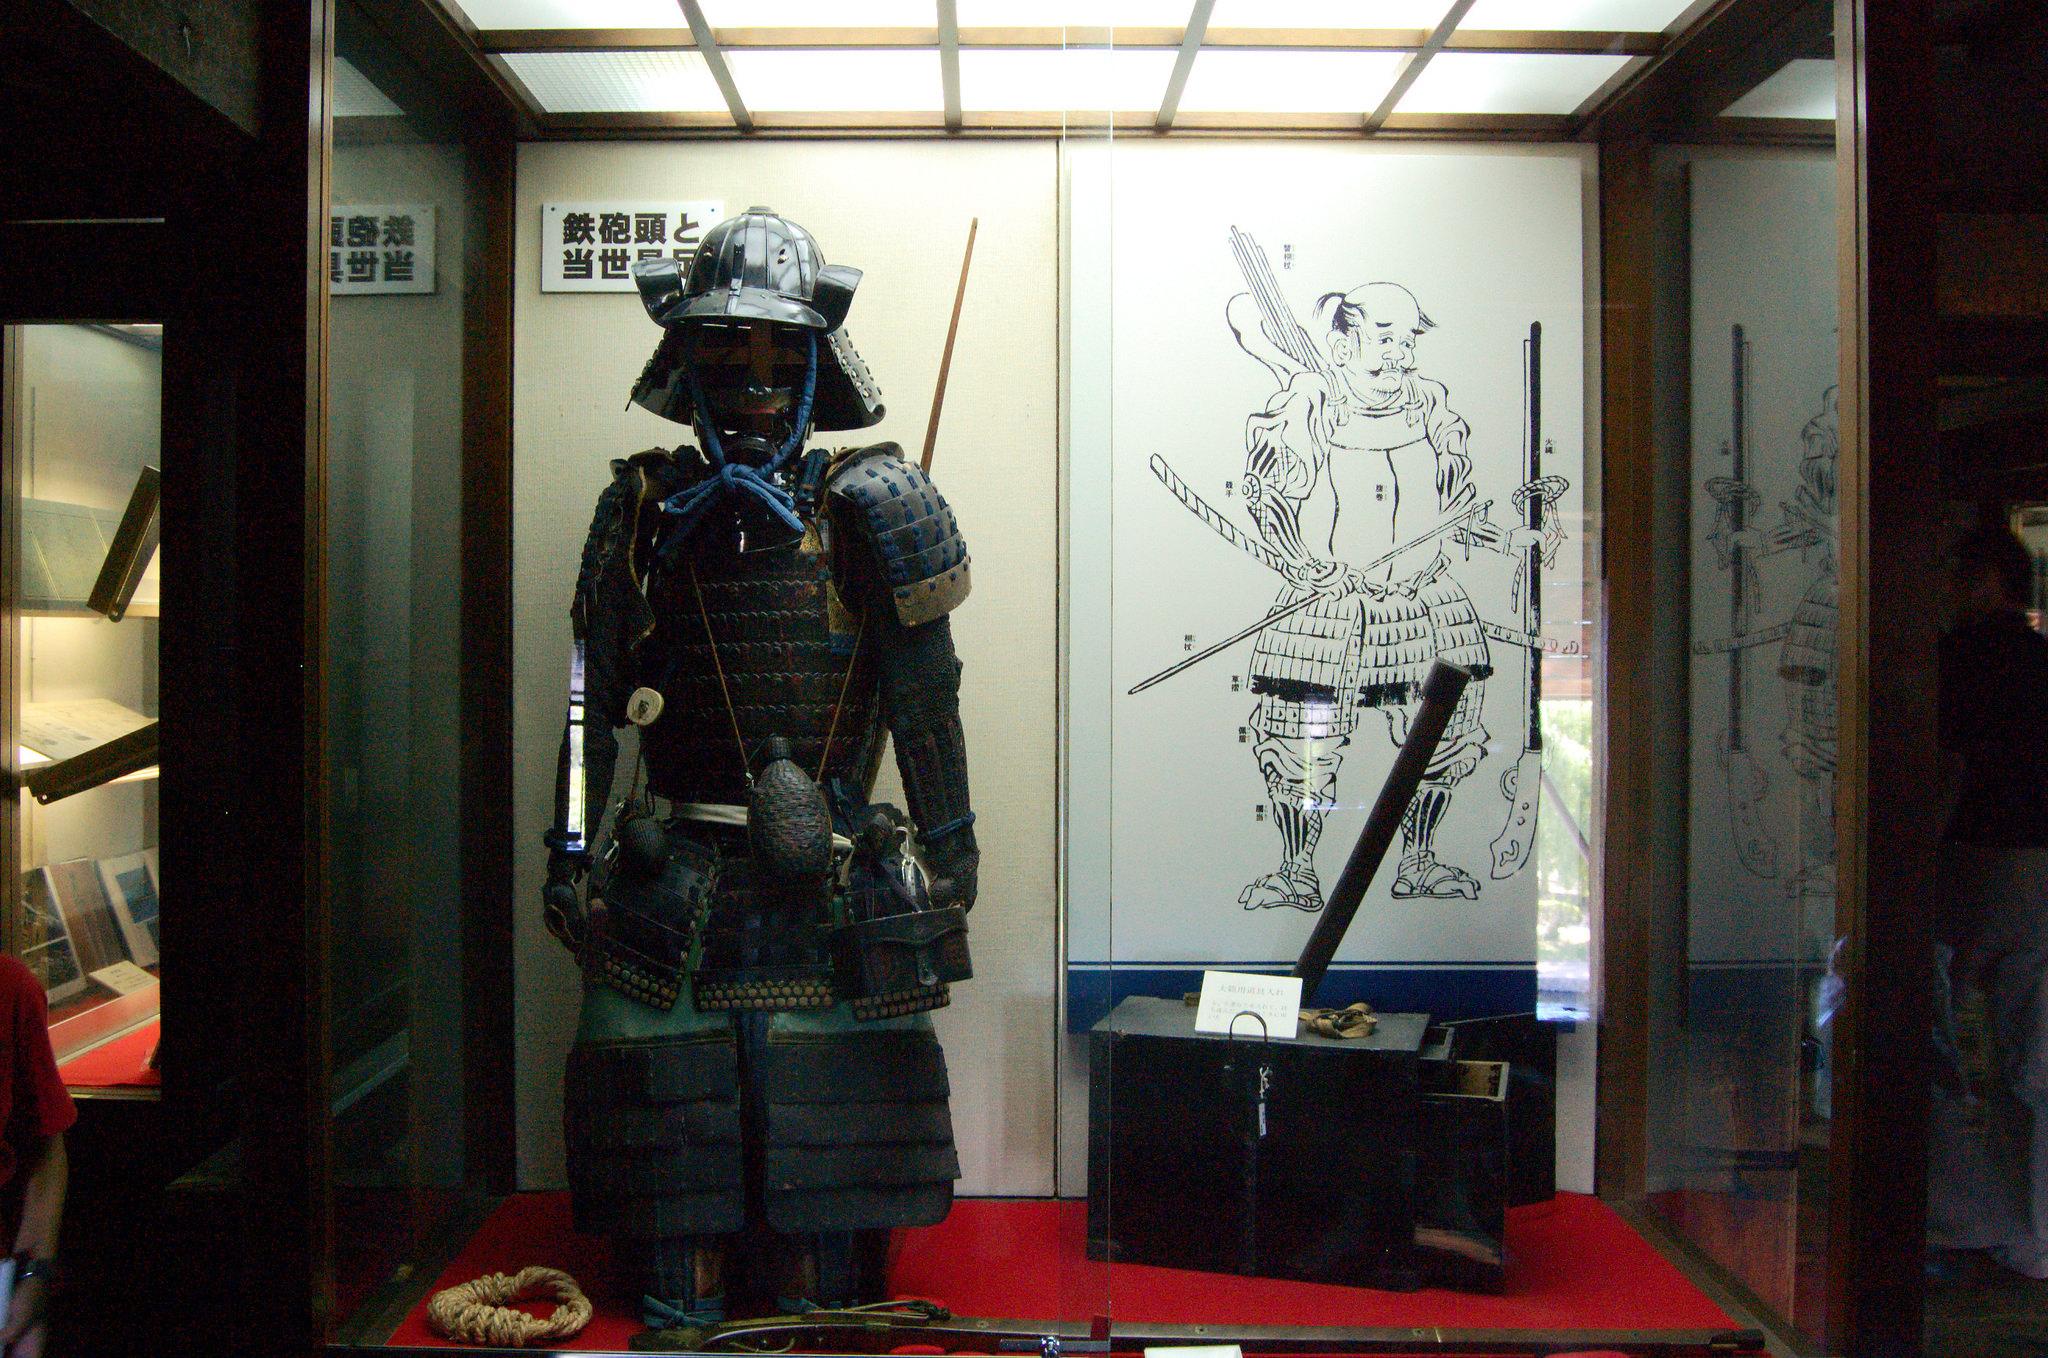 Обмундирование японского воина, Замок Мацумото